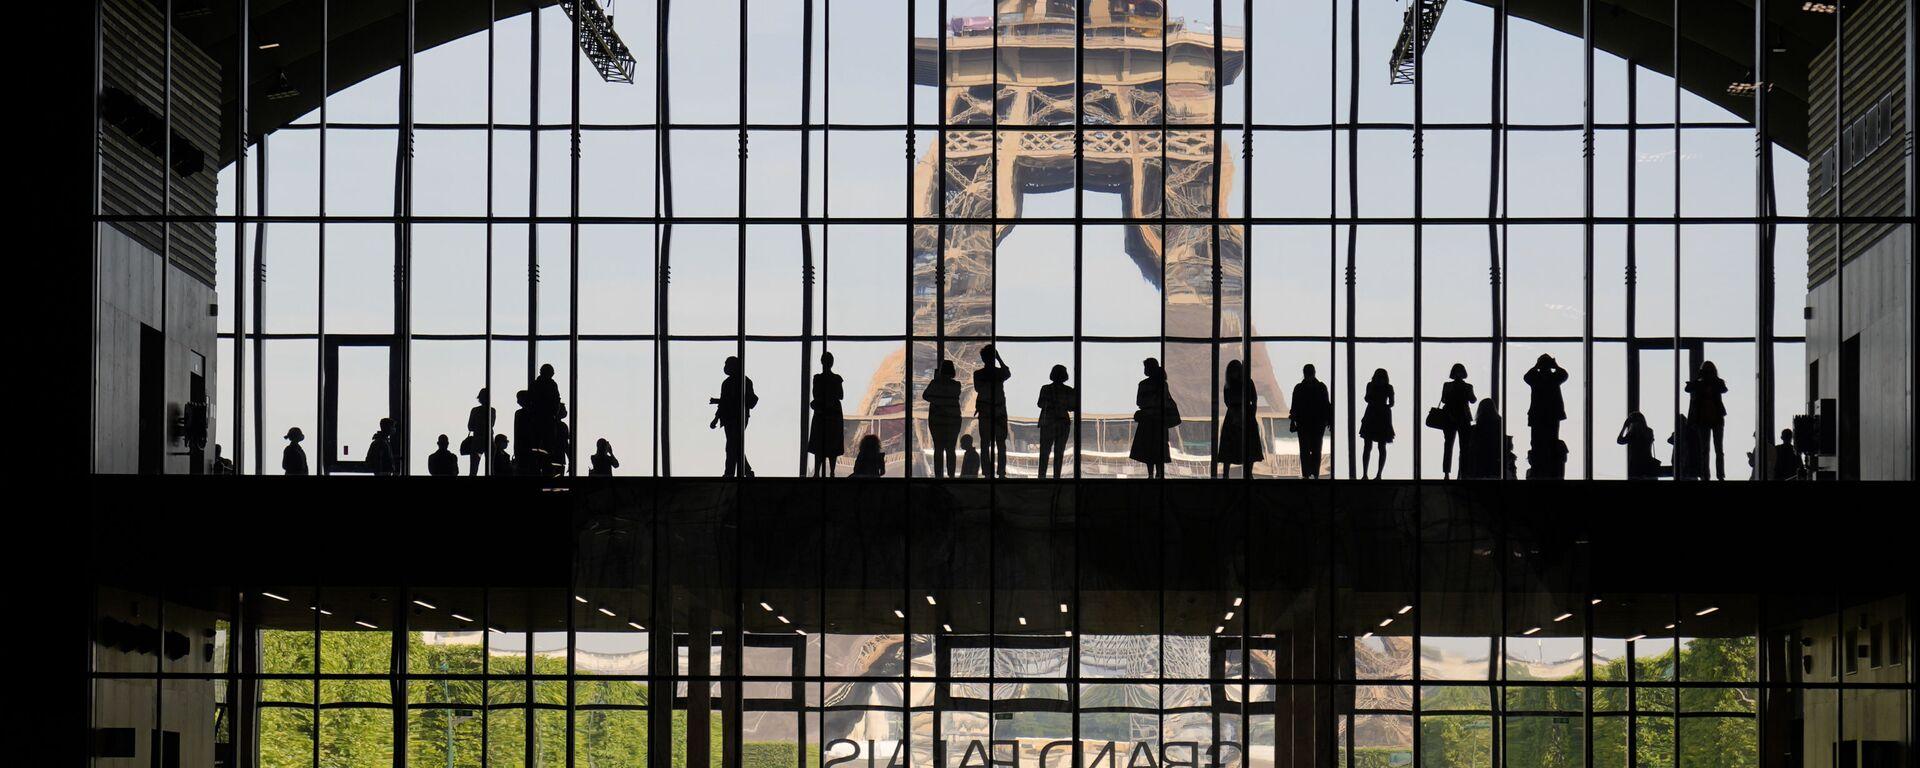 Презентация Большого дворца Ephemere с видом на Эйфелеву башню в Париже - Sputnik Грузия, 1920, 20.09.2021